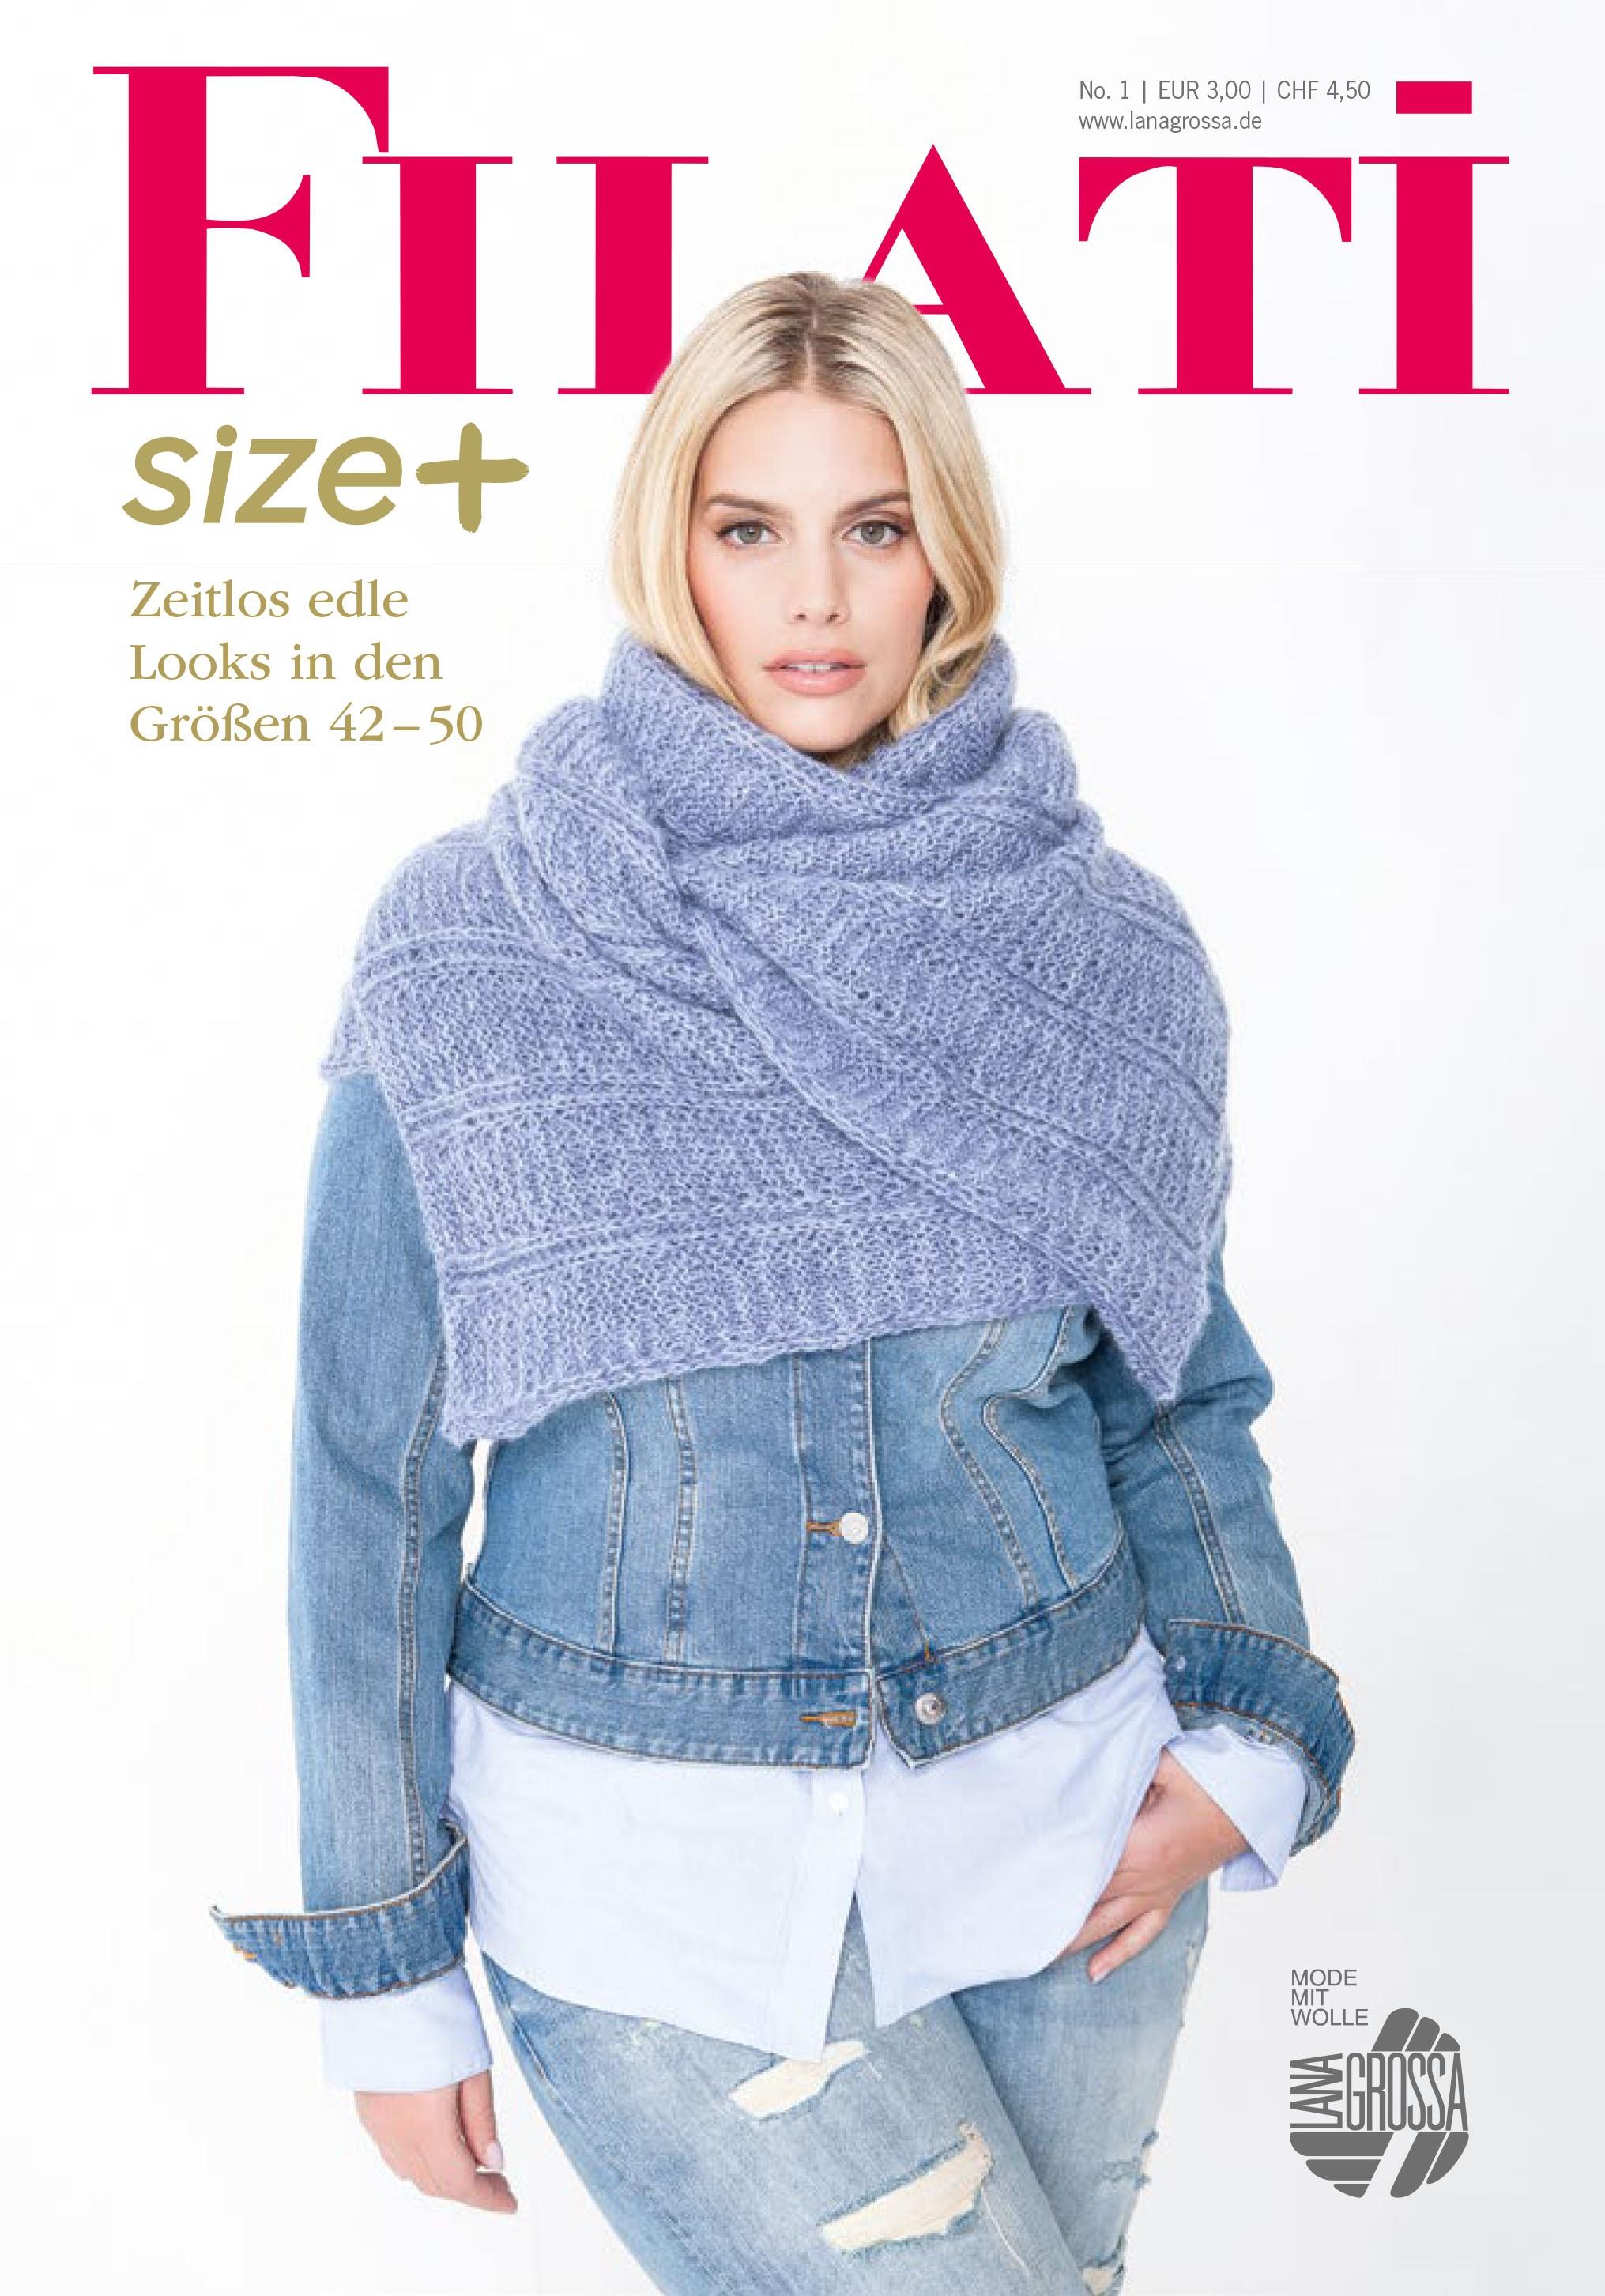 Lana Grossa FILATI Size Plus - Журнал на немецком языке,  инструкции на русском